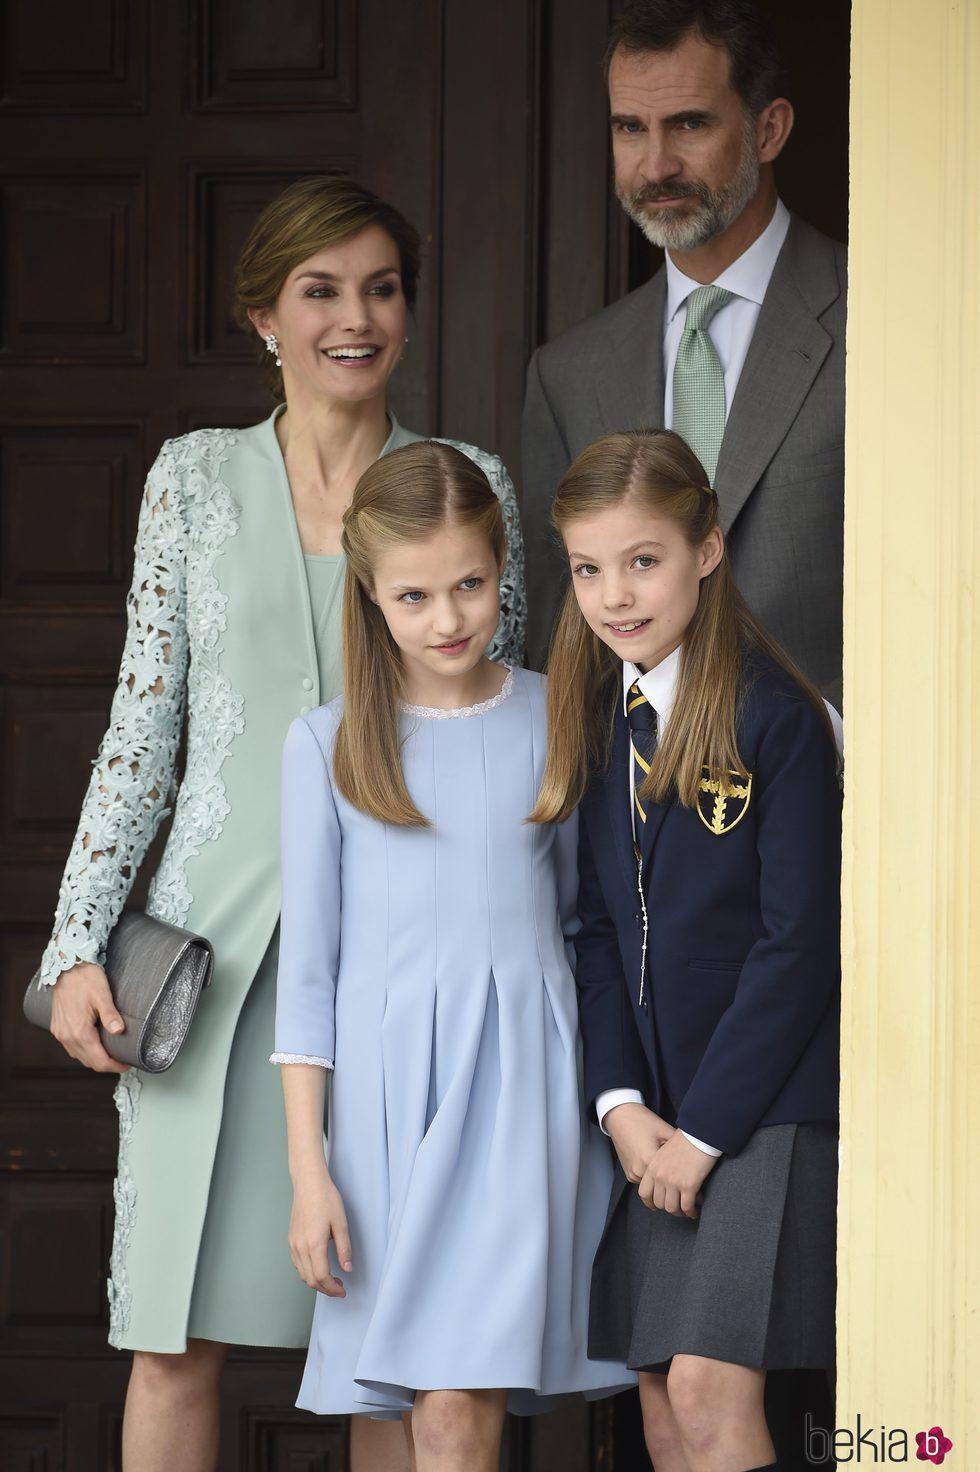 La Infanta Sofía a la salida de su Comunión junto a los Reyes Felipe y Letizia y la Princesa Leonor